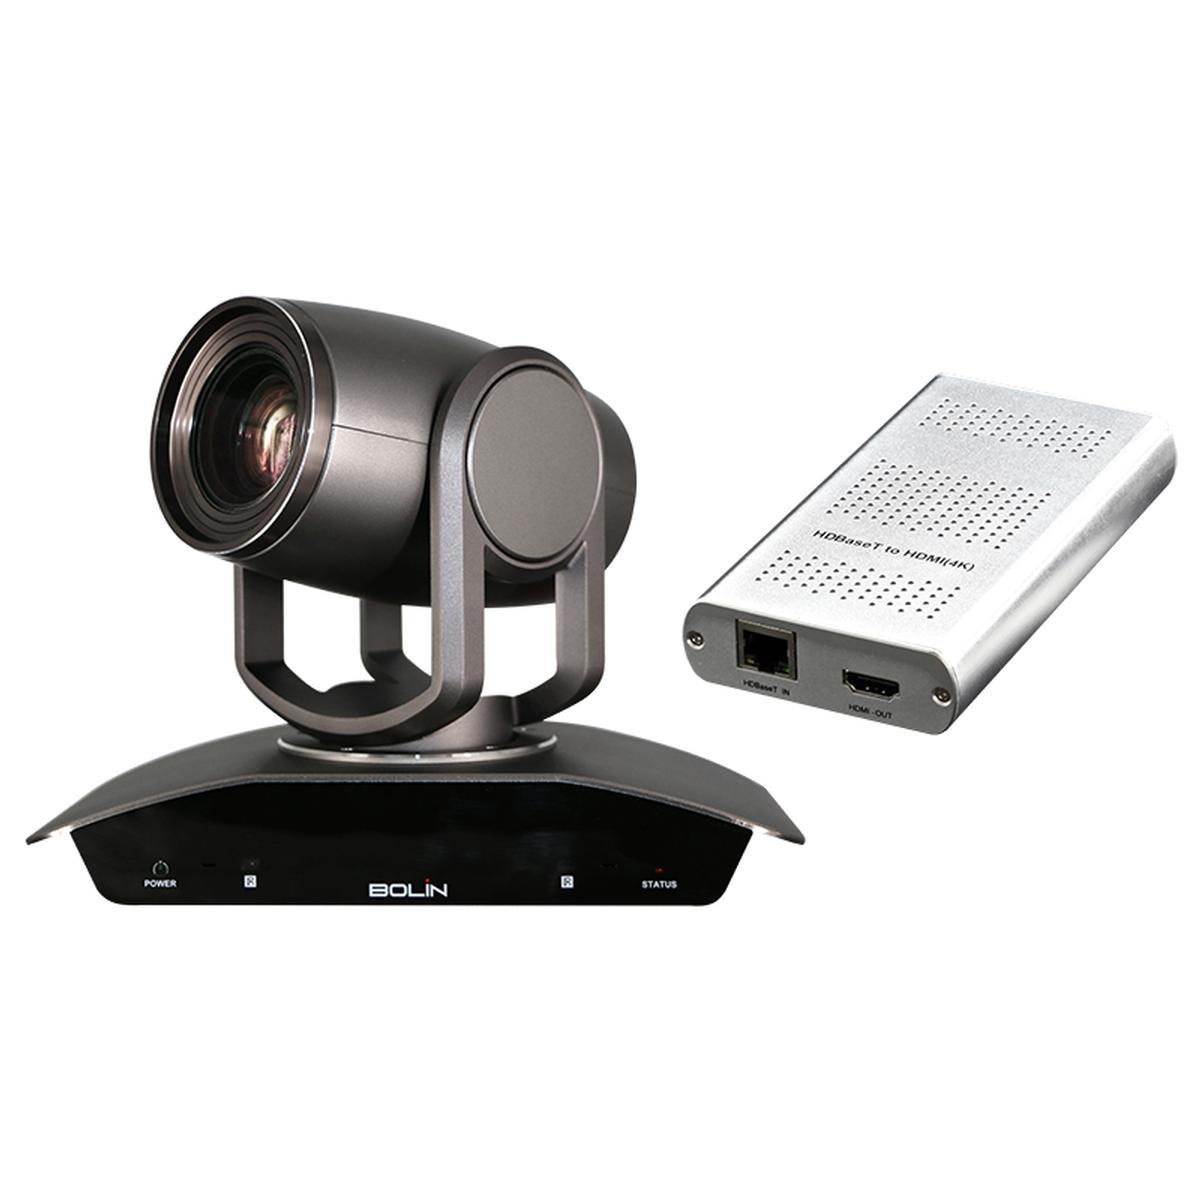 Bolin Technology - VCC-8-4K12S-SMB 4K HDBaseT Video Conference Camera